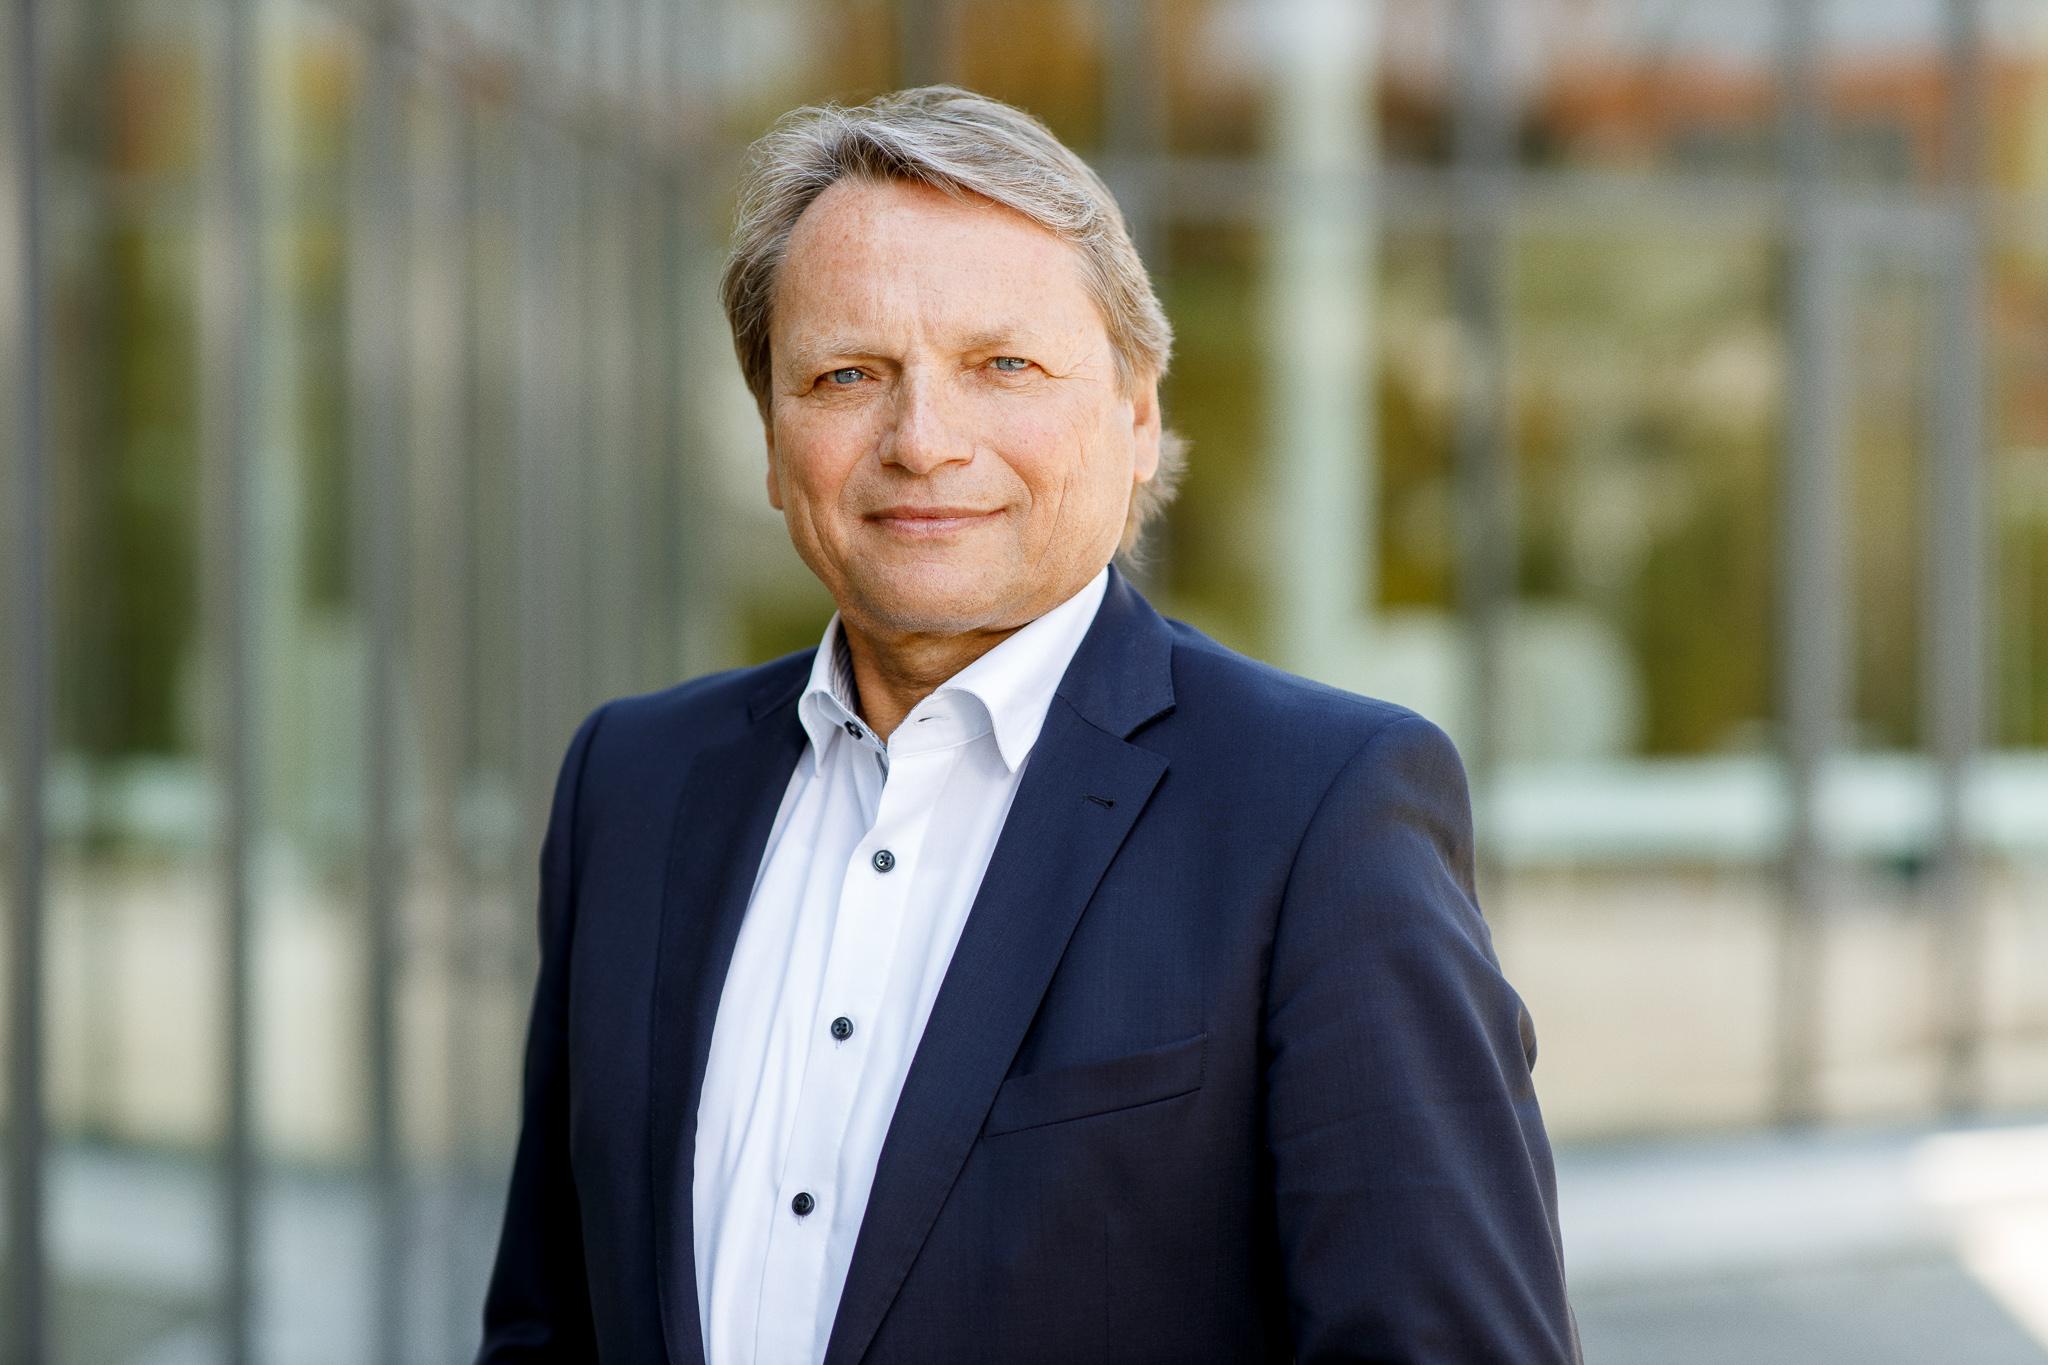 2019-04-15_Dr-Nickl-und-Seufert_TOBIAS-FROEHNER-PHOTOGRAPHY_0115_bearbeitet.jpg